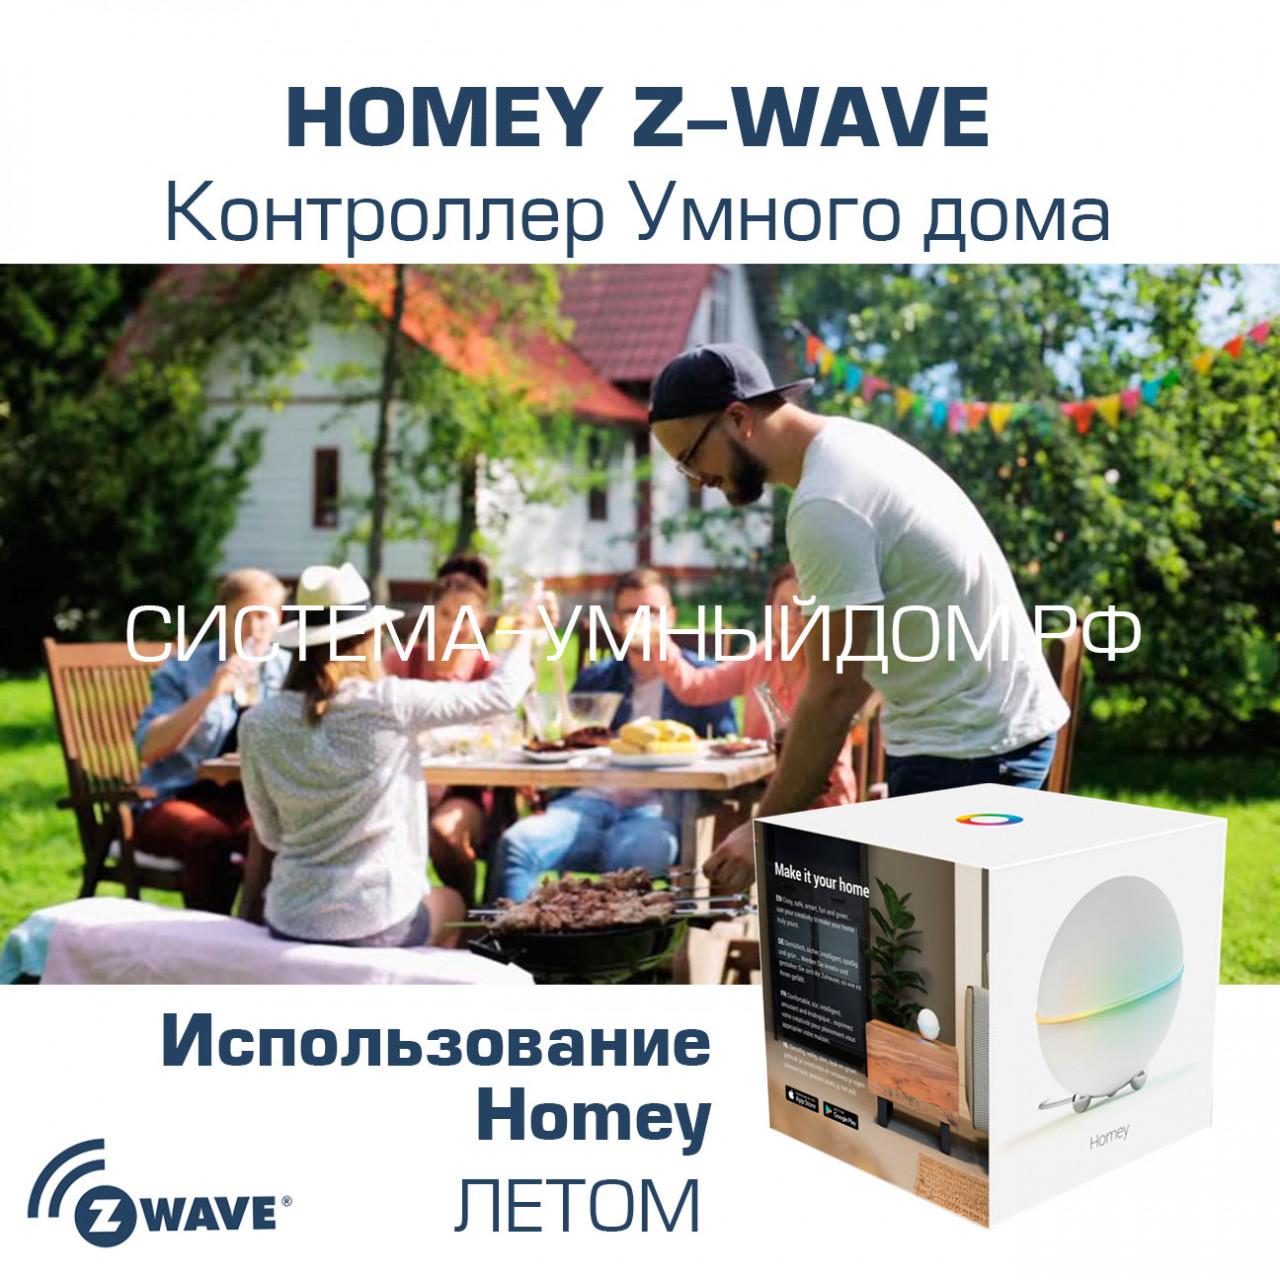 Использование Homey летом